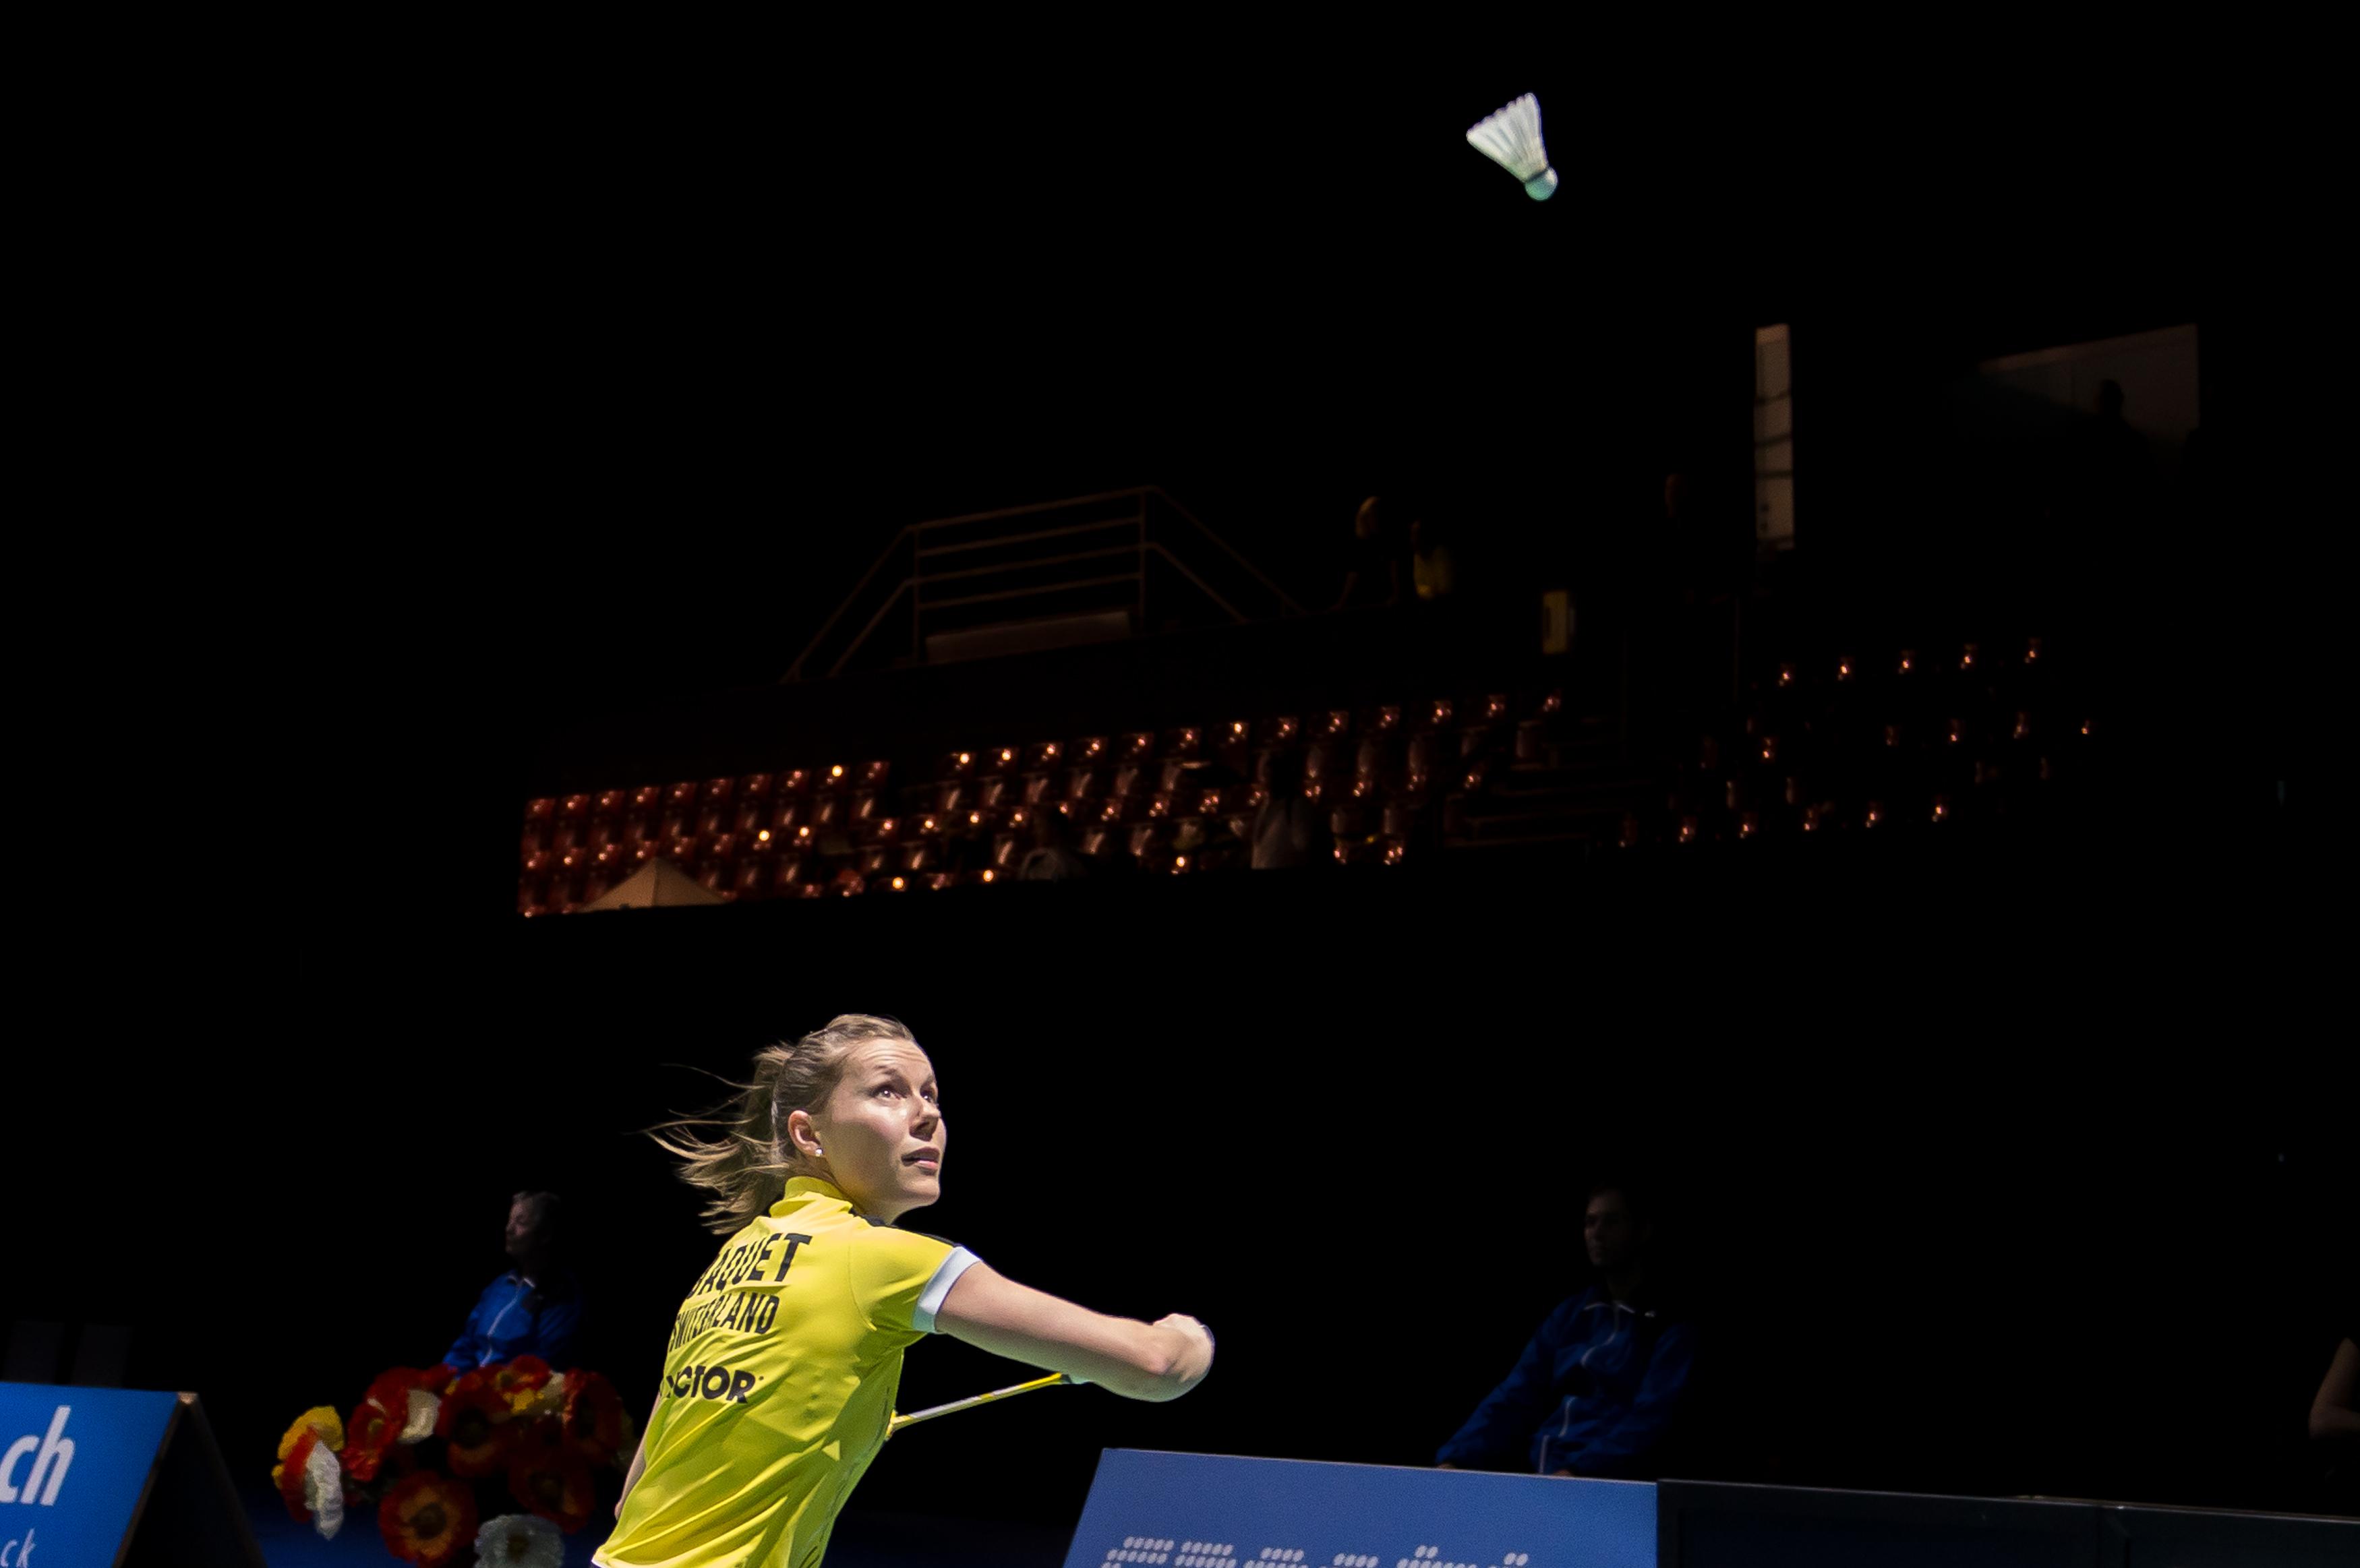 Kurt Frischnecht, Swiss Open 2016-4